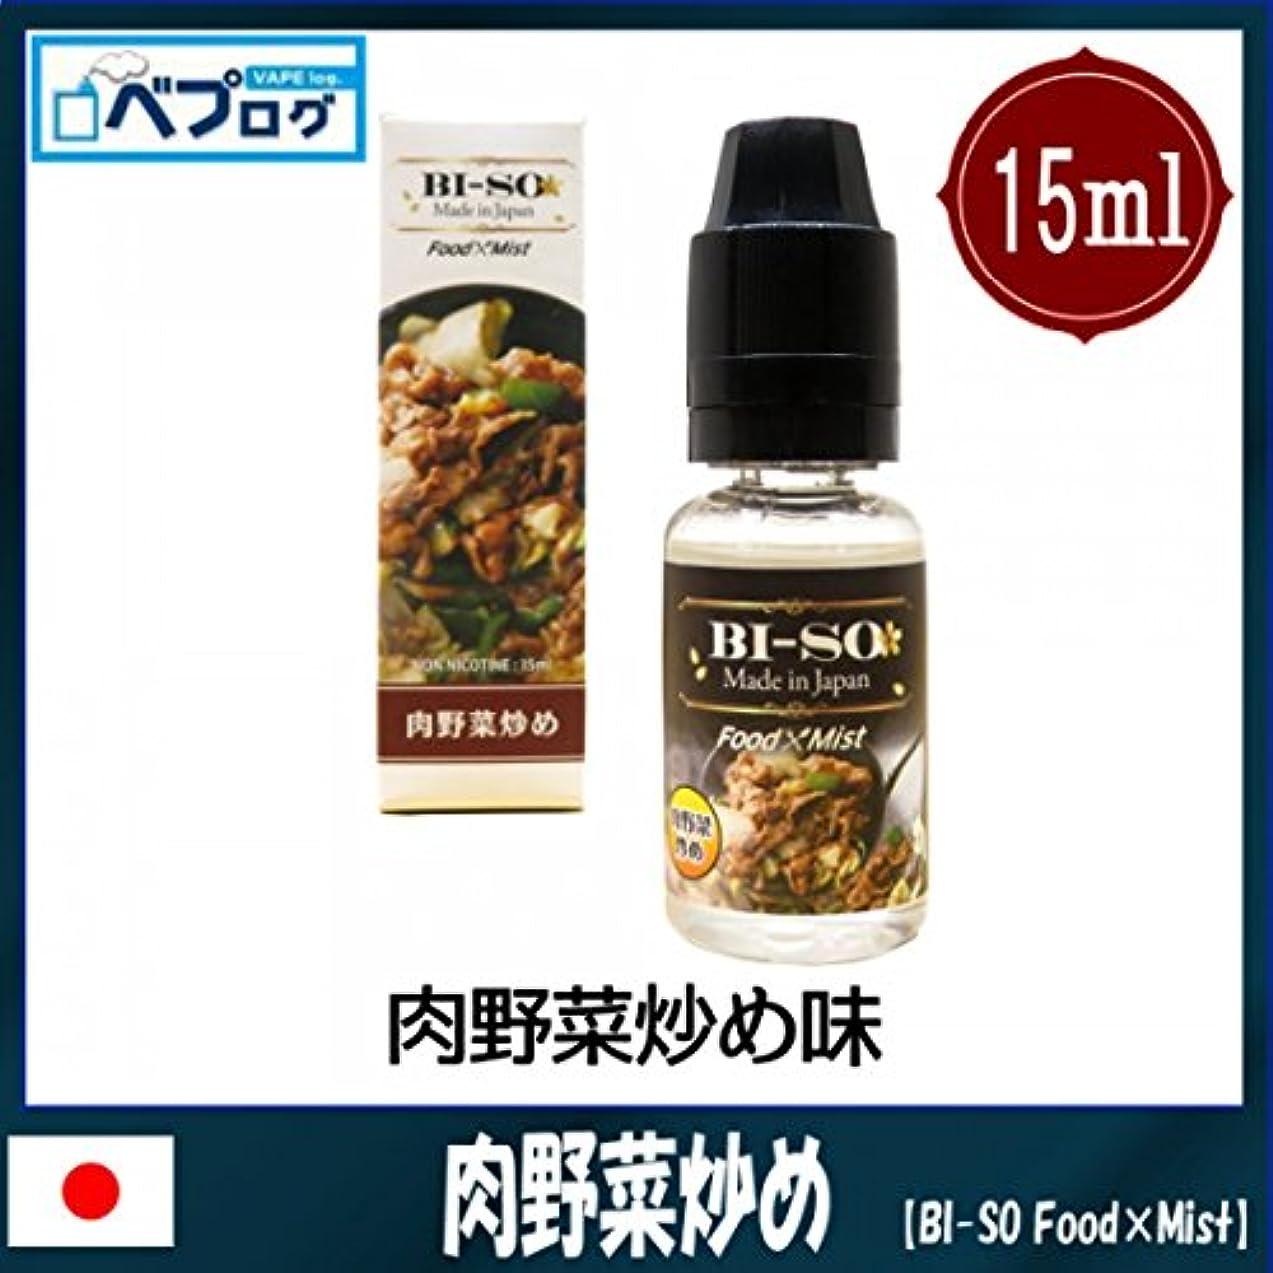 社会科女の子十分にBI-SO Food×Mist (ビソ フードミスト) 15ml リキッド 国産 お食事系 電子タバコ (肉野菜炒め)